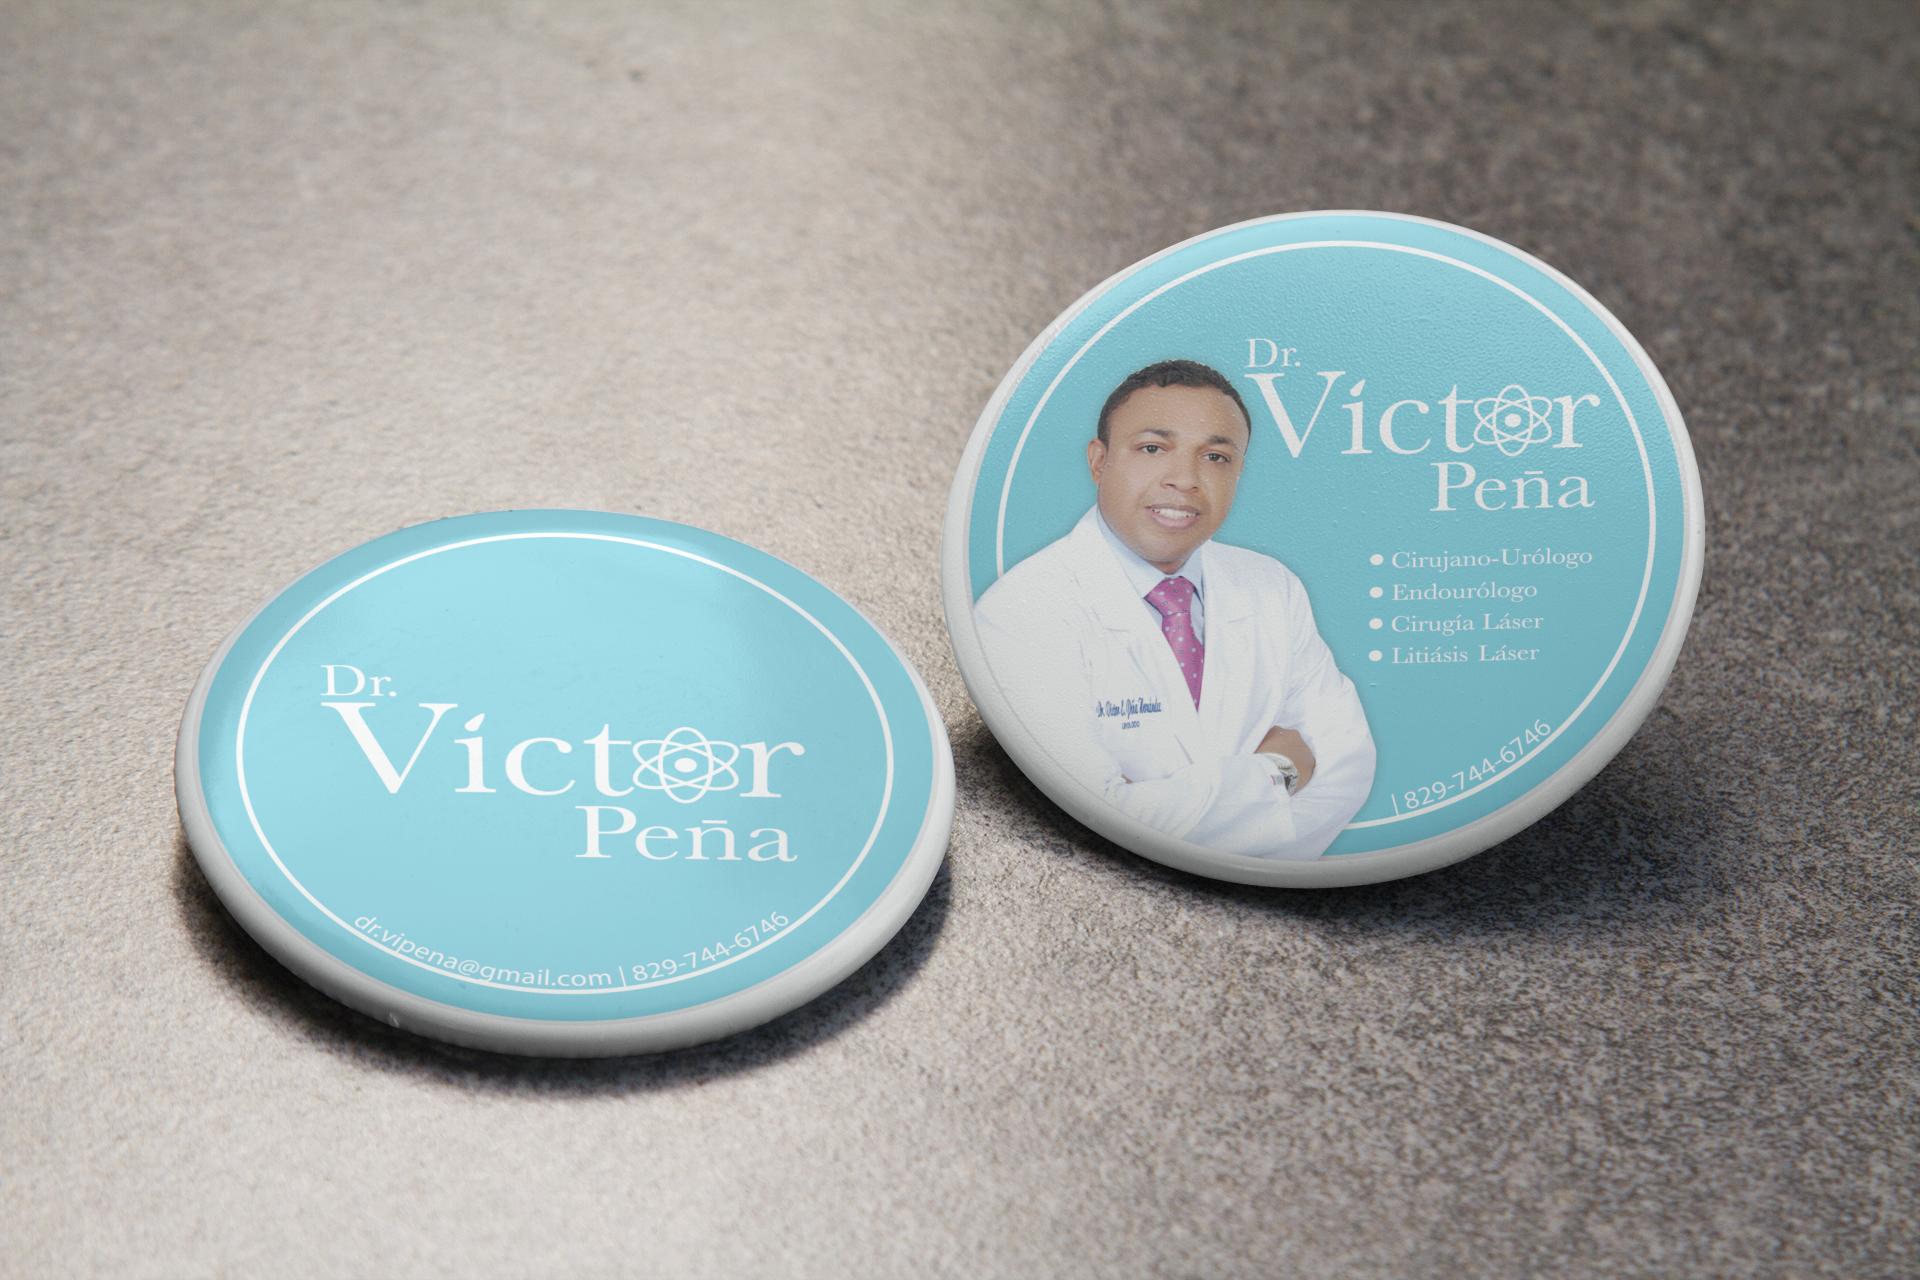 Logo & Blade Pin - Dr. Victor Peña